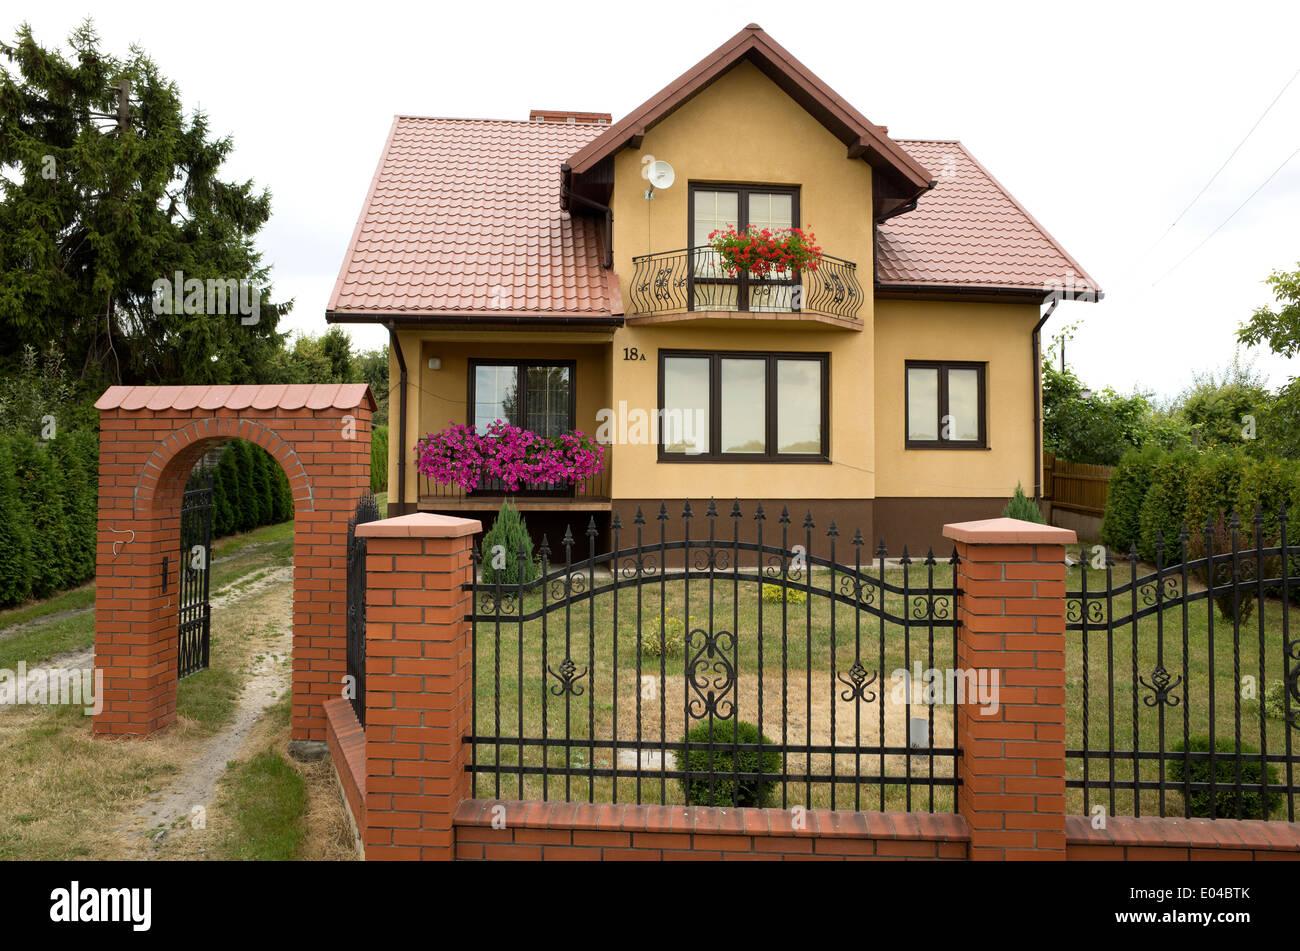 Moderne Polnische Haus Mit Schmiedeeisernen Zaun Mit Gemauerten